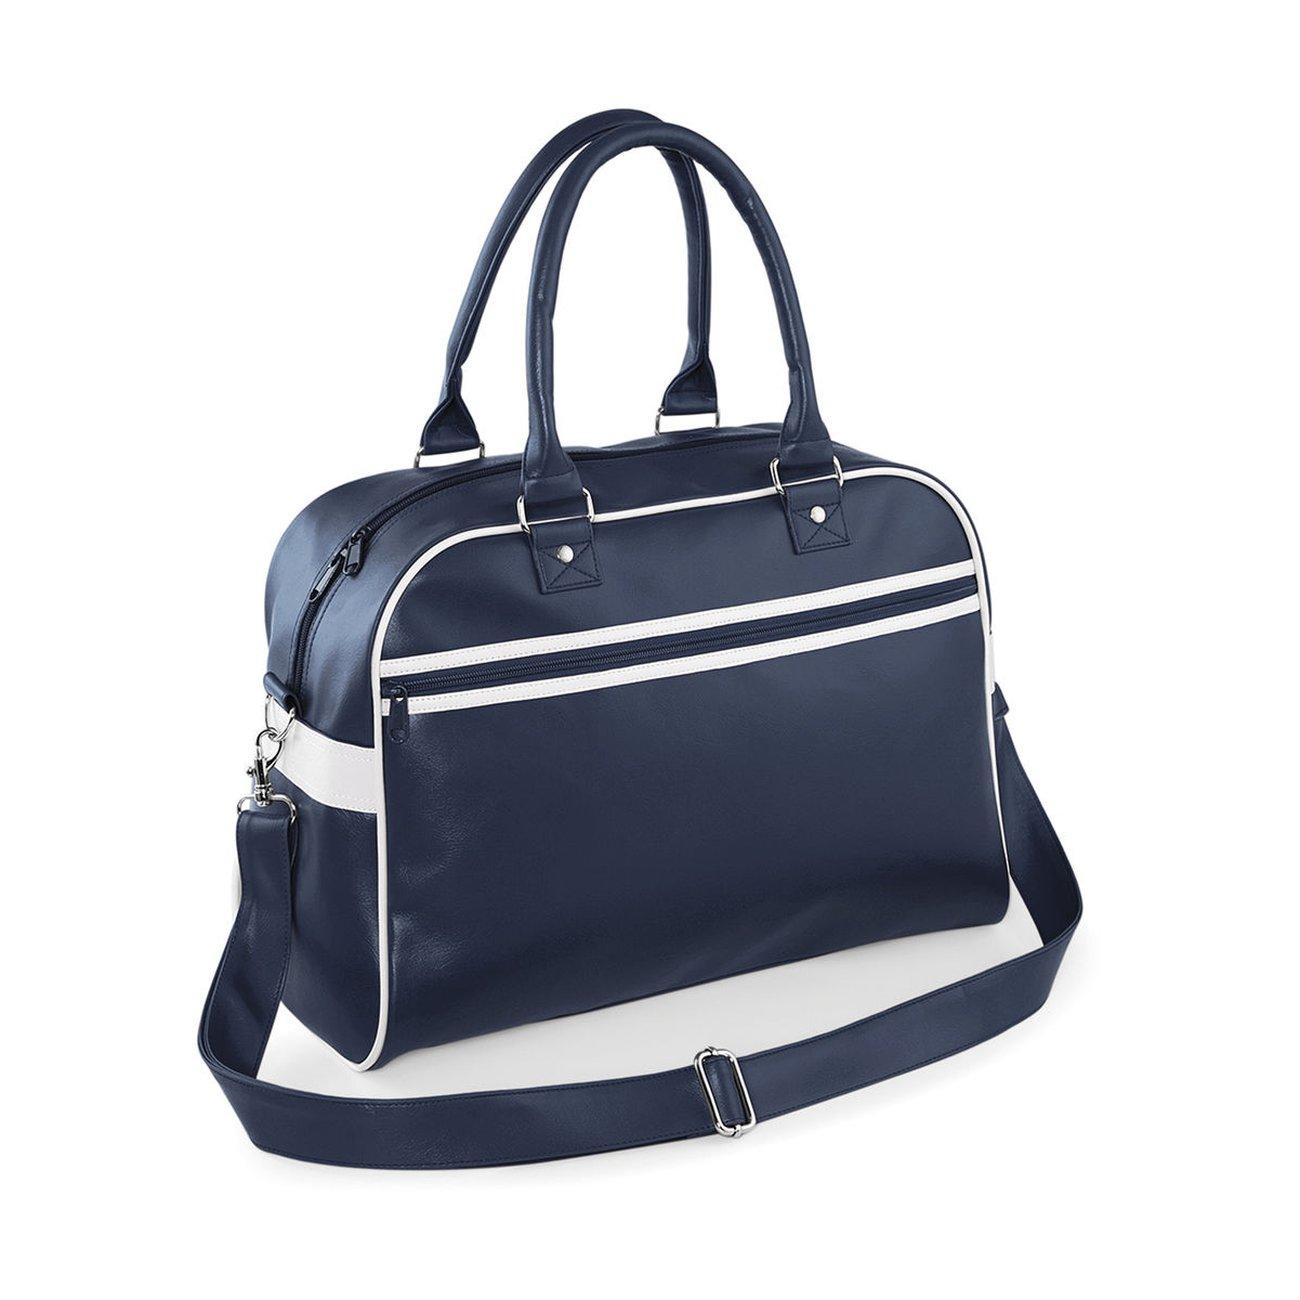 sac-sport-retro-bowling-bag-bg75---bleu-marine_1_v1